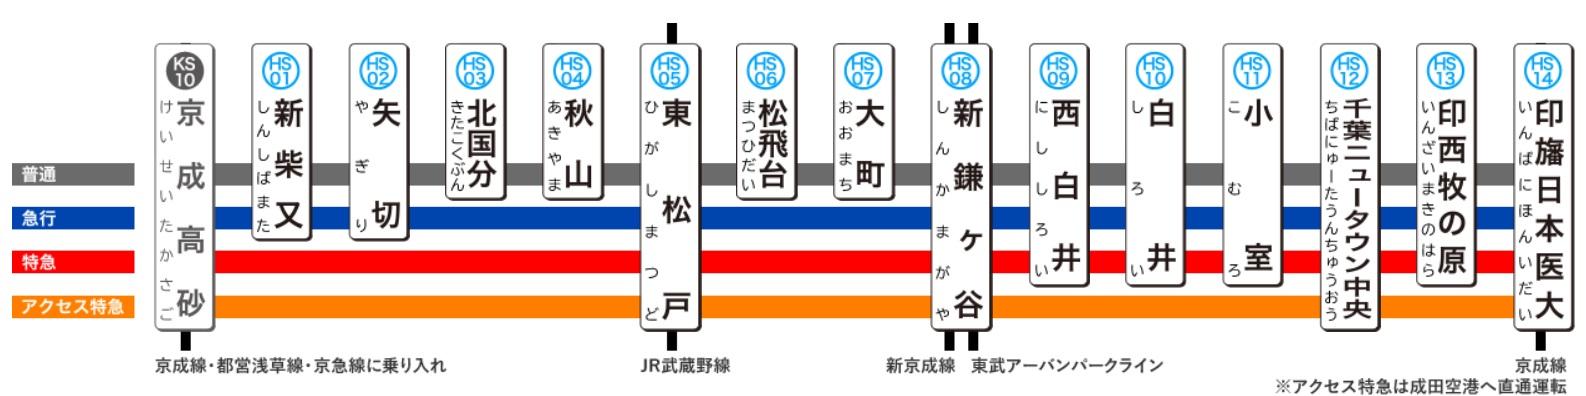 北総鉄道の路線図